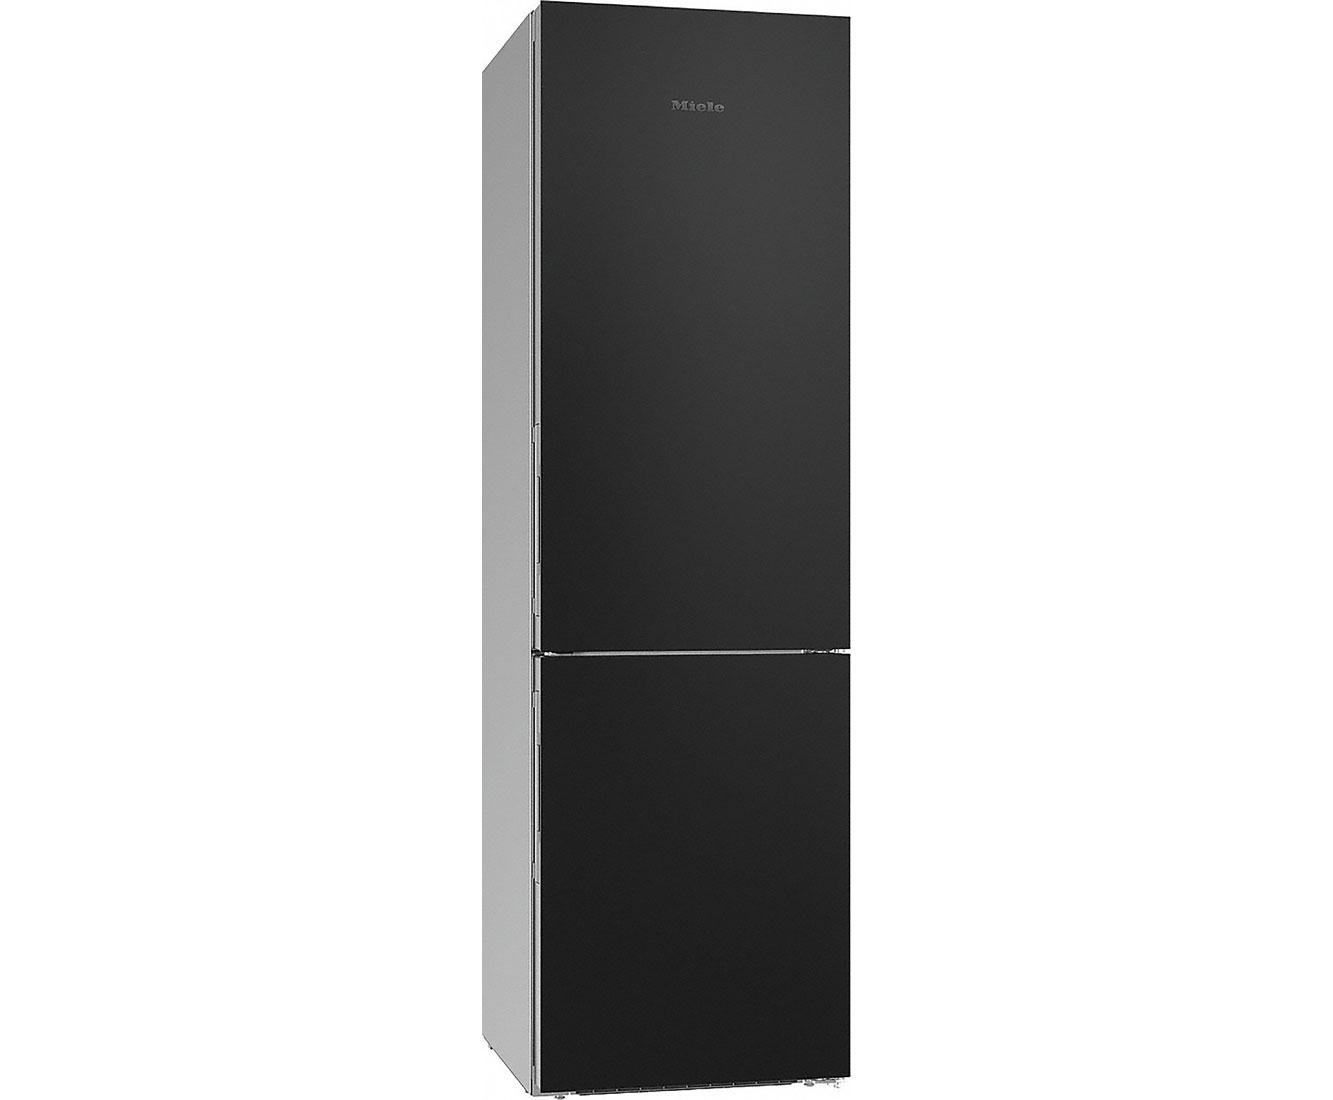 Smeg Kühlschrank Schwarz Matt : Kühlschrank schwarz preisvergleich u die besten angebote online kaufen